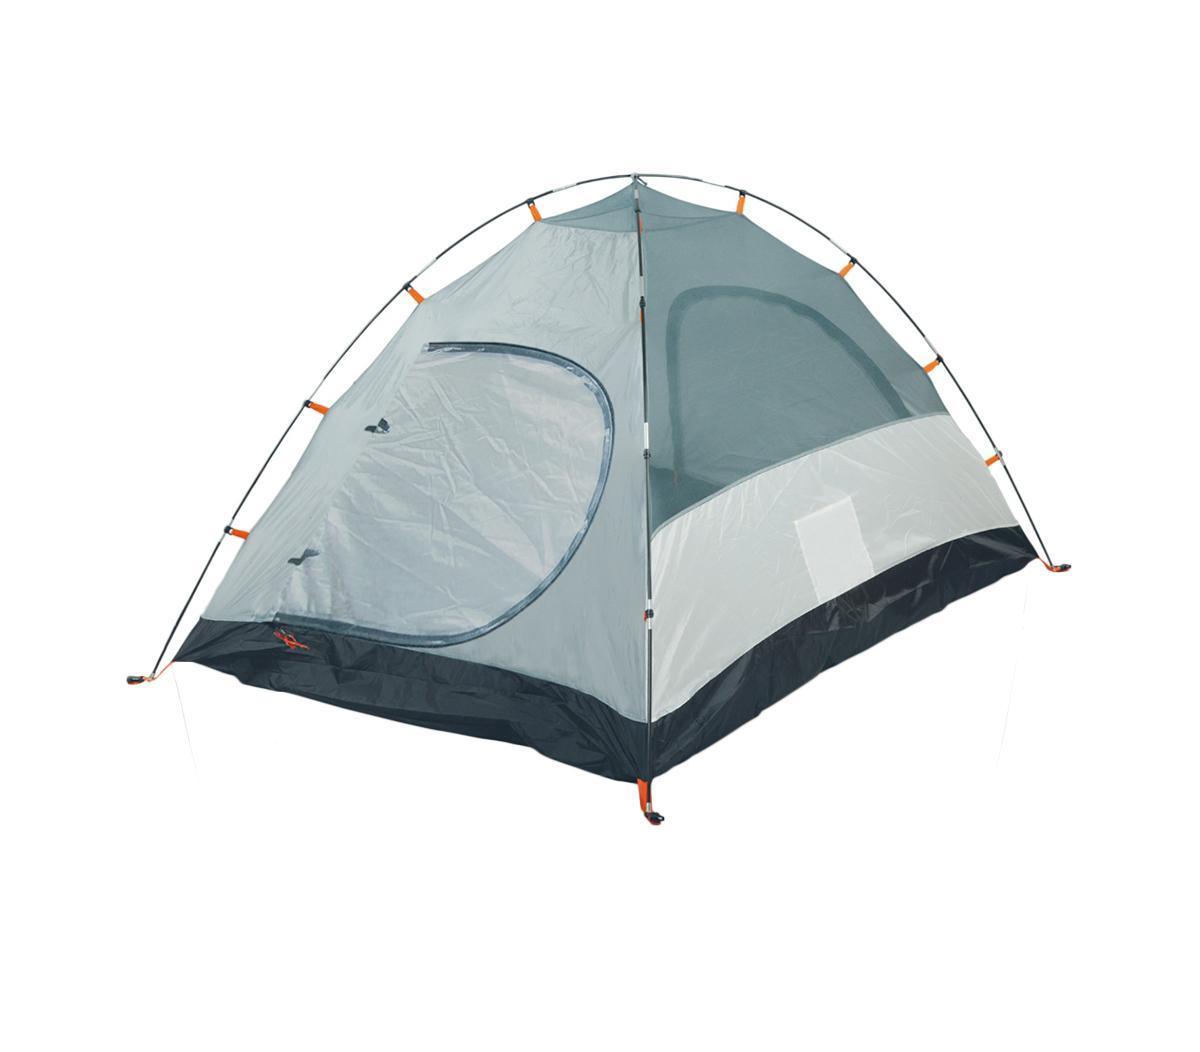 Палатка Husky Bizam 2, цвет: светло-зеленыйУТ-000046991Палатка Bizam 2 является одной из основных моделей походных палаток Husky и идеально подходит для двоих. Представляет собой двухслойную однокомнатную палатку с двумя входами и тамбуром. Внутренняя палатка выполнена из водоотталкивающего нейлона, швы наружного тента проварены специальной лентой. Палатка с комфортной вентиляционной системой, удобная в использовании благодаря небольшому весу и размеру, предназначена для пешего туризма, кемпинга или велотуризма. К палатке прилагаются — дюралевые колышки, ремкомплект, компрессионный мешок, сетка для мелочей. Характеристики:Количество мест: 2. Размер палатки: 290 см х 145 см х 120 см. Спальная комната: 210 см х 145 см. Количество входов: 2. Дуги из фибергласа: 8,5 мм/7,9 мм. Материал наружного тента: полиэстер 185Т, водостойкость 3000 мм.вд.ст. Материал внутреннего тента: нейлон 190Т, противомоскитные сетки. Материал дна: полиэстер 190Т, водостойкость 6000 мм.вд.ст. Размер в собранном виде:50 см х 14 см х 14 см. Вес:2900 г. Цвет:светло-зеленый. Производитель: Чехия. Изготовитель: Китай.